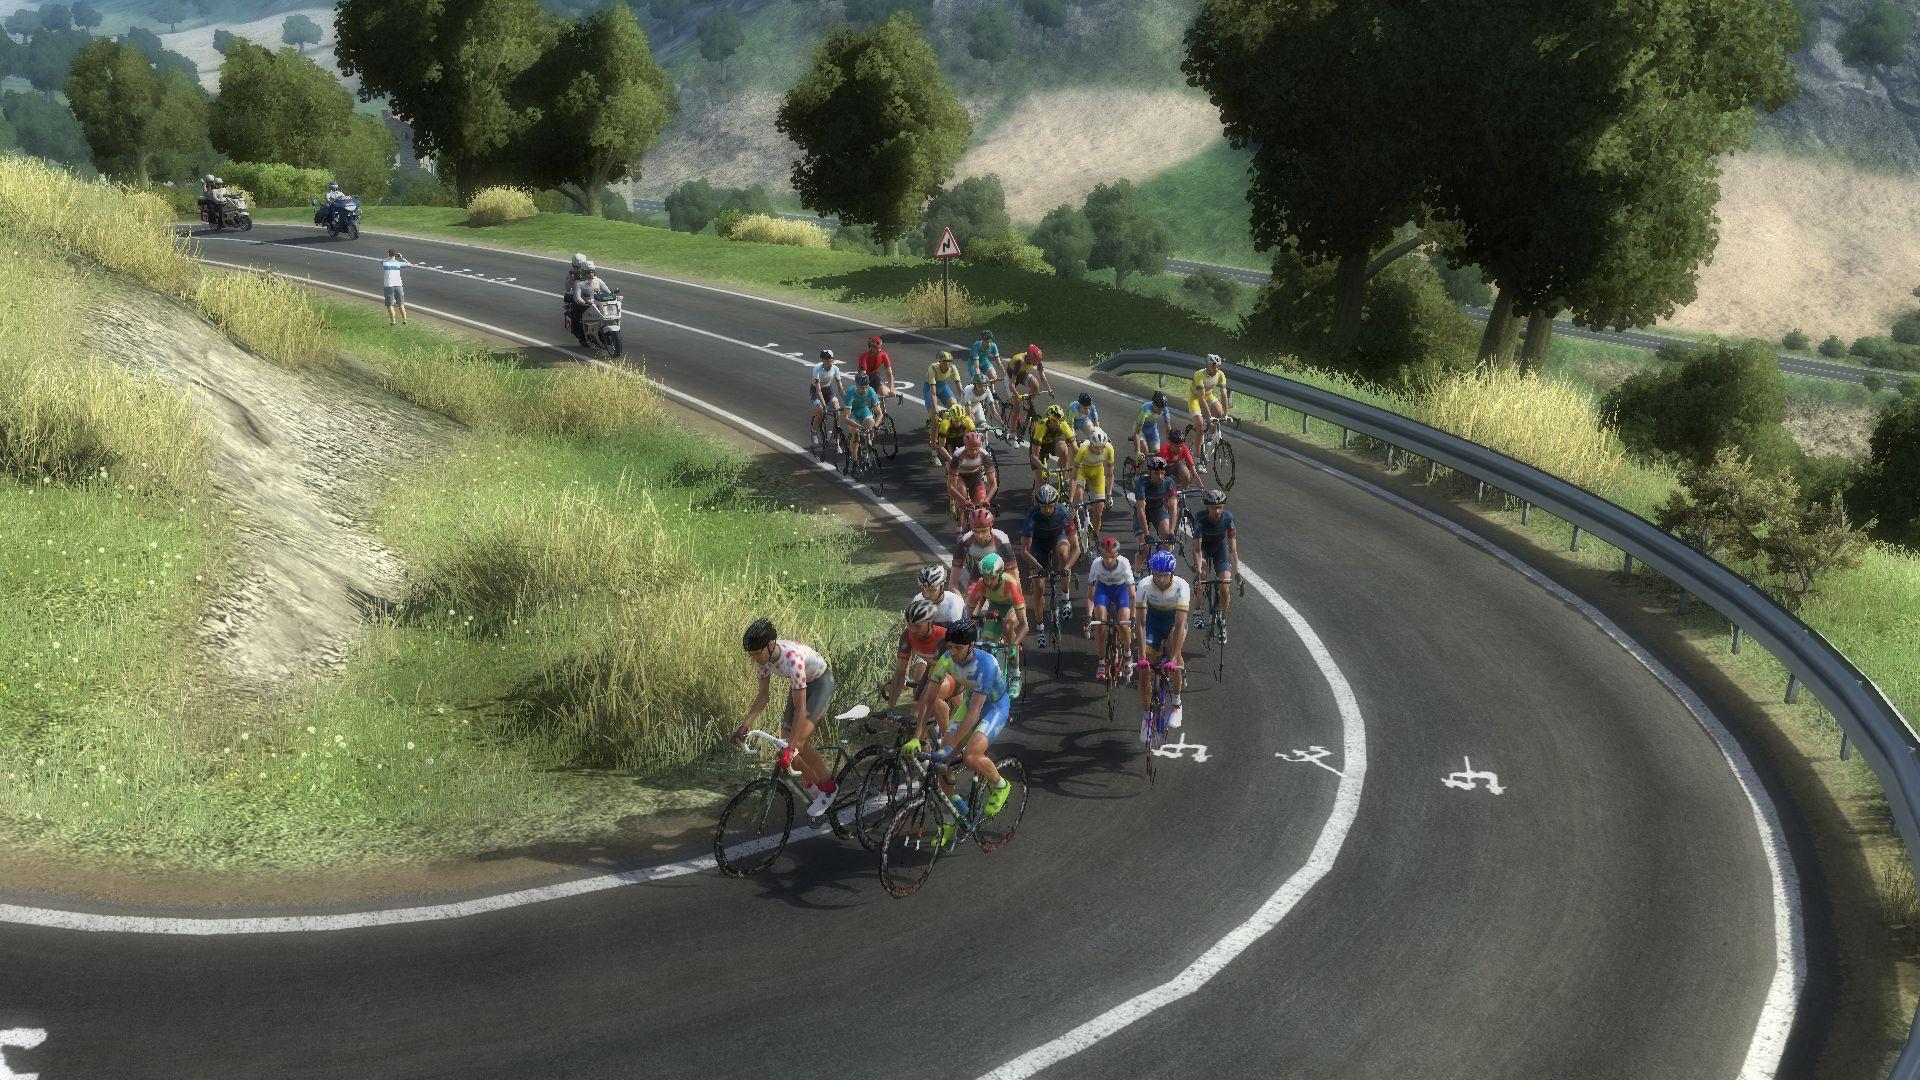 pcmdaily.com/images/mg/2020/Reports/C1/Andorra/TdAS5%201.jpg